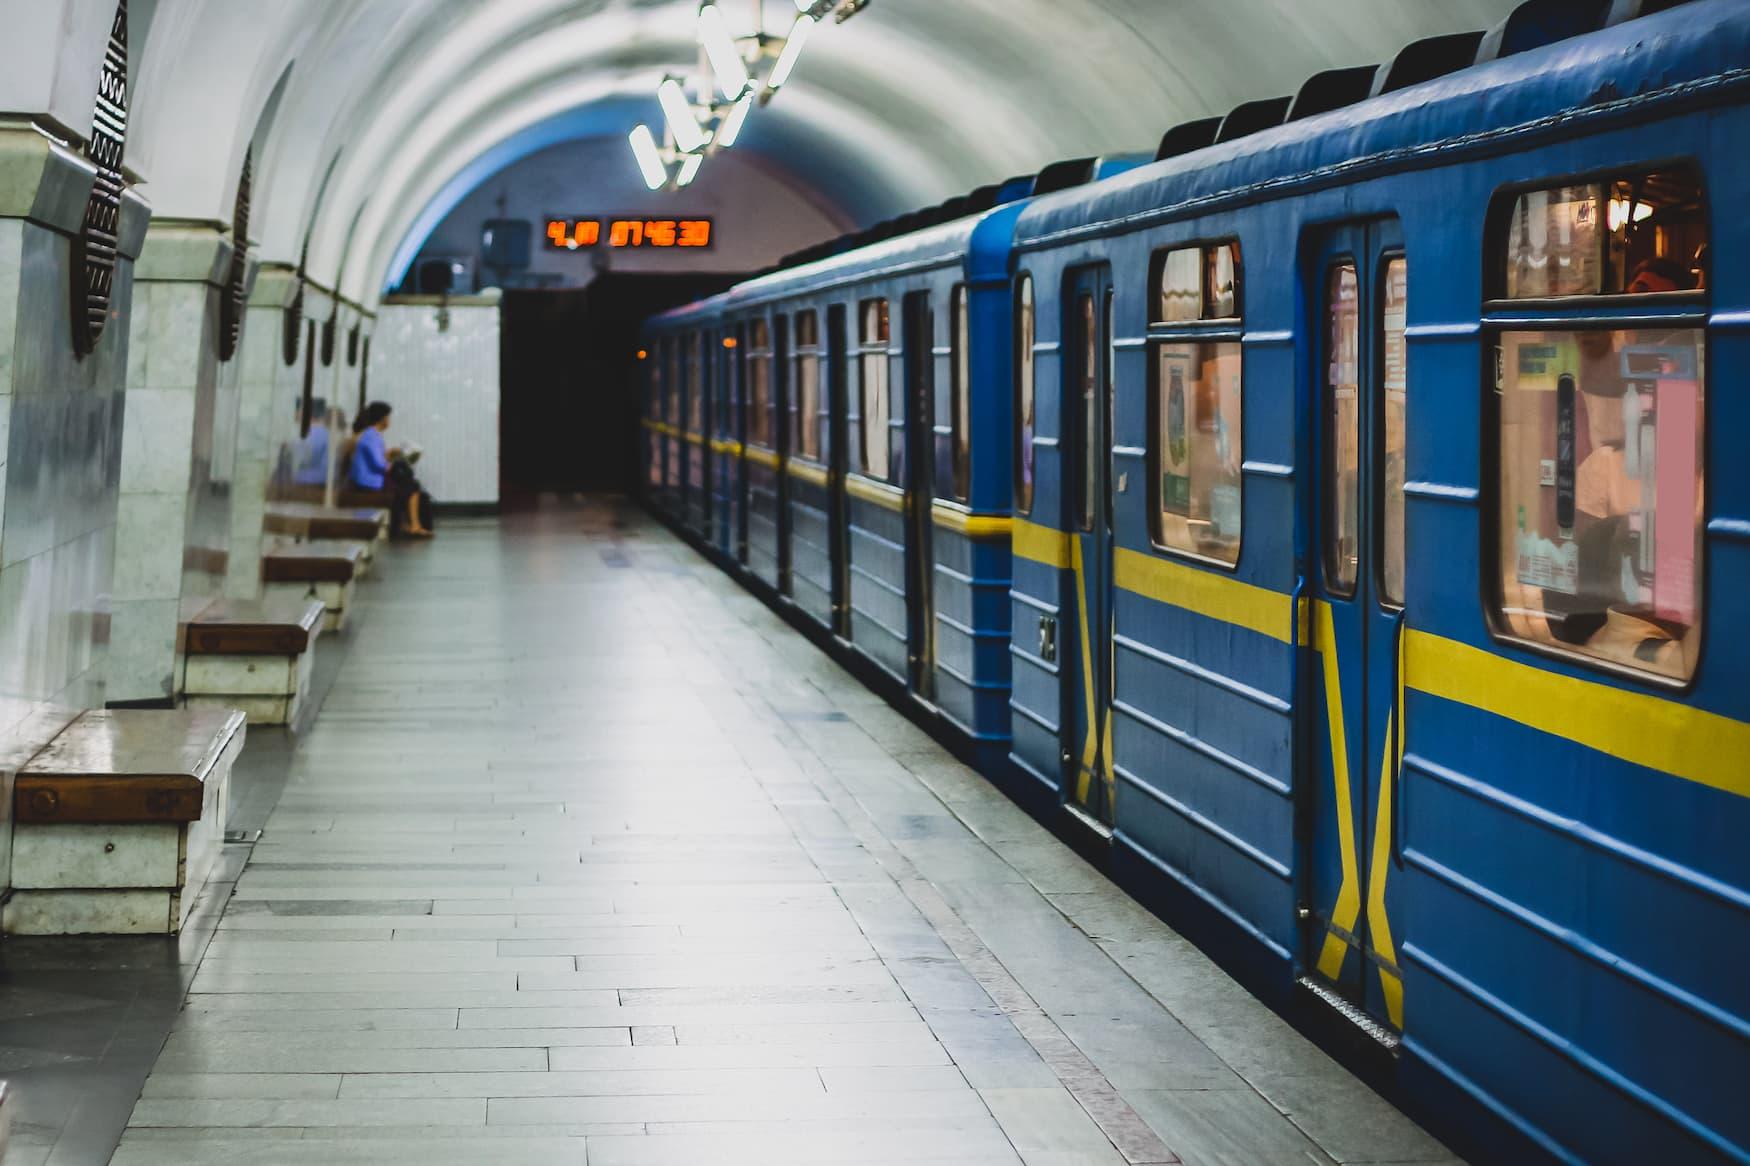 U-Bahn-Station in der ukrainischen Hauptstadt